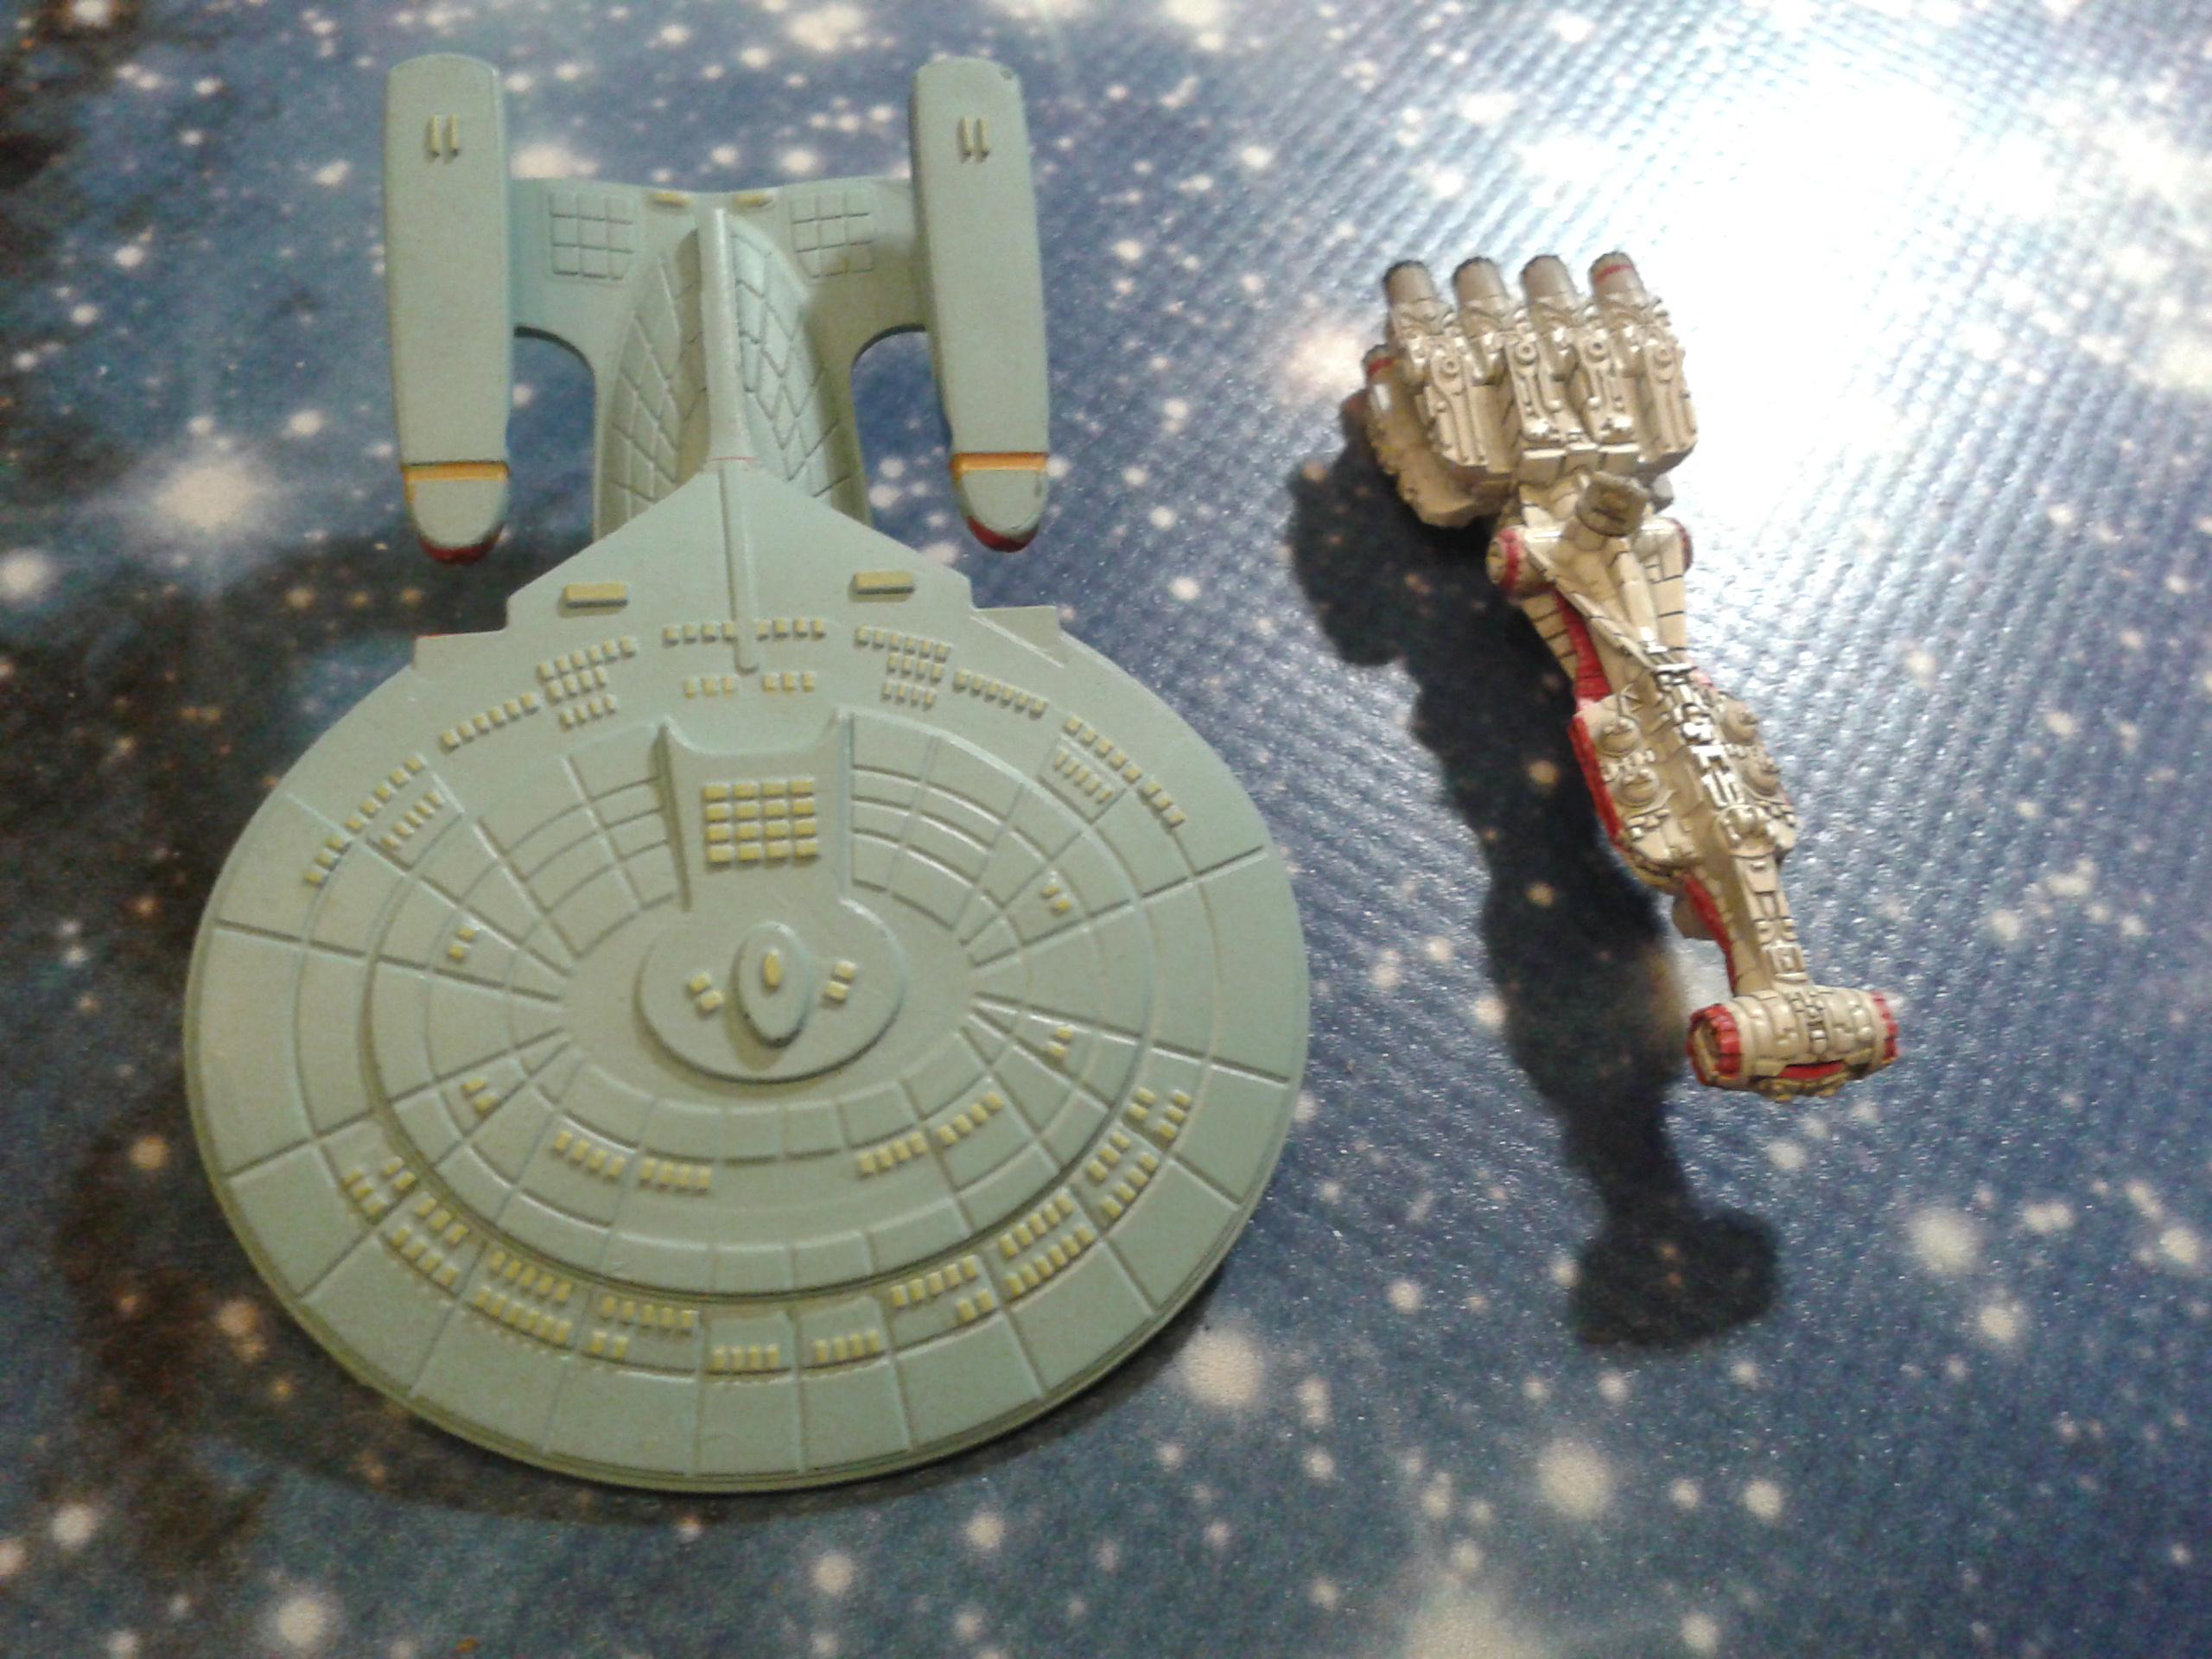 [FFG] Star Wars Armada (Neues Miniaturenspiel) - Seite 2 20150328_010413